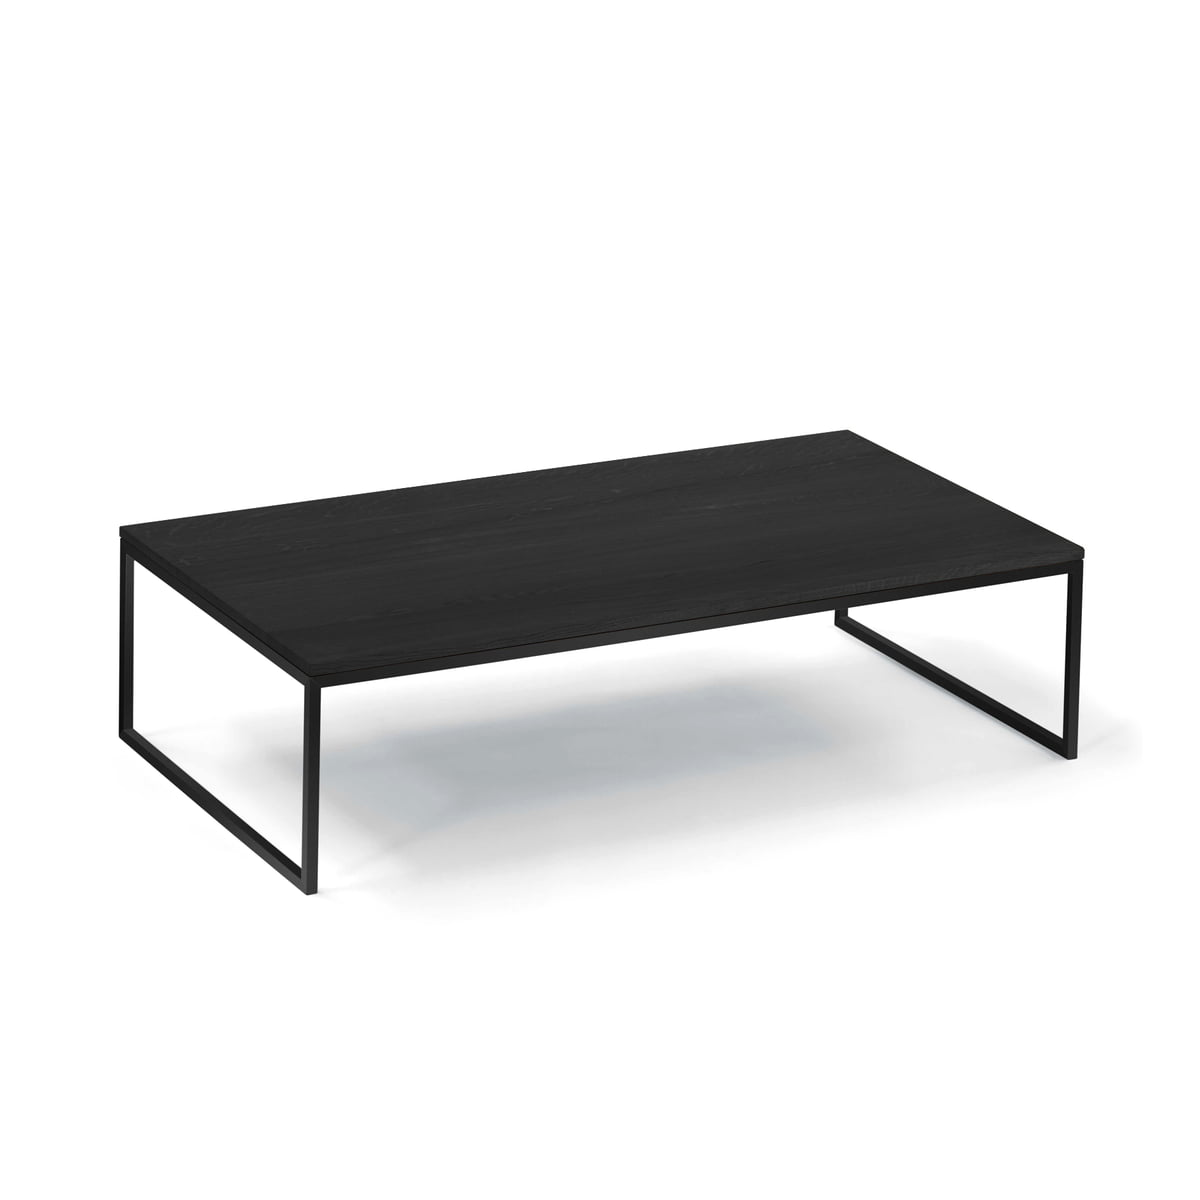 sofabord højde 60 cm